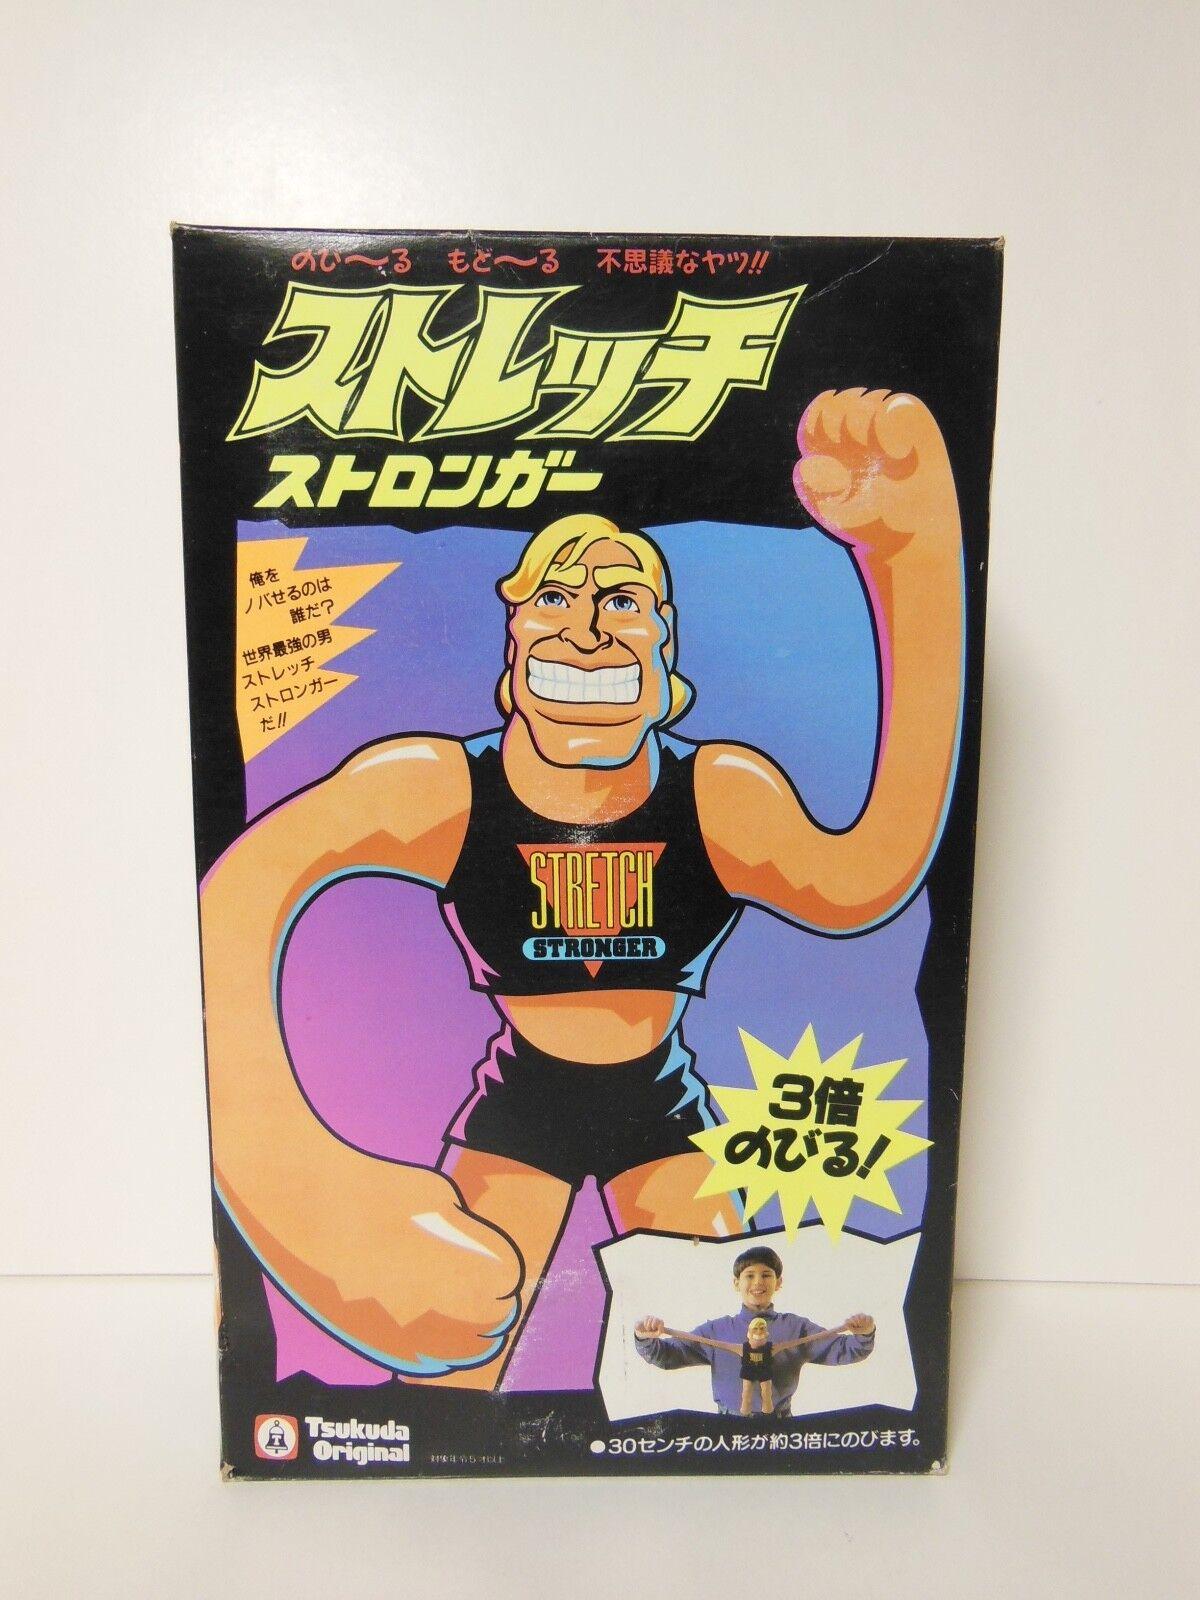 promociones Stretch Stretch Stretch Armstrong Tsukuda Original Stretch publicado más fuerte sólo en Japón 1992  descuento de bajo precio